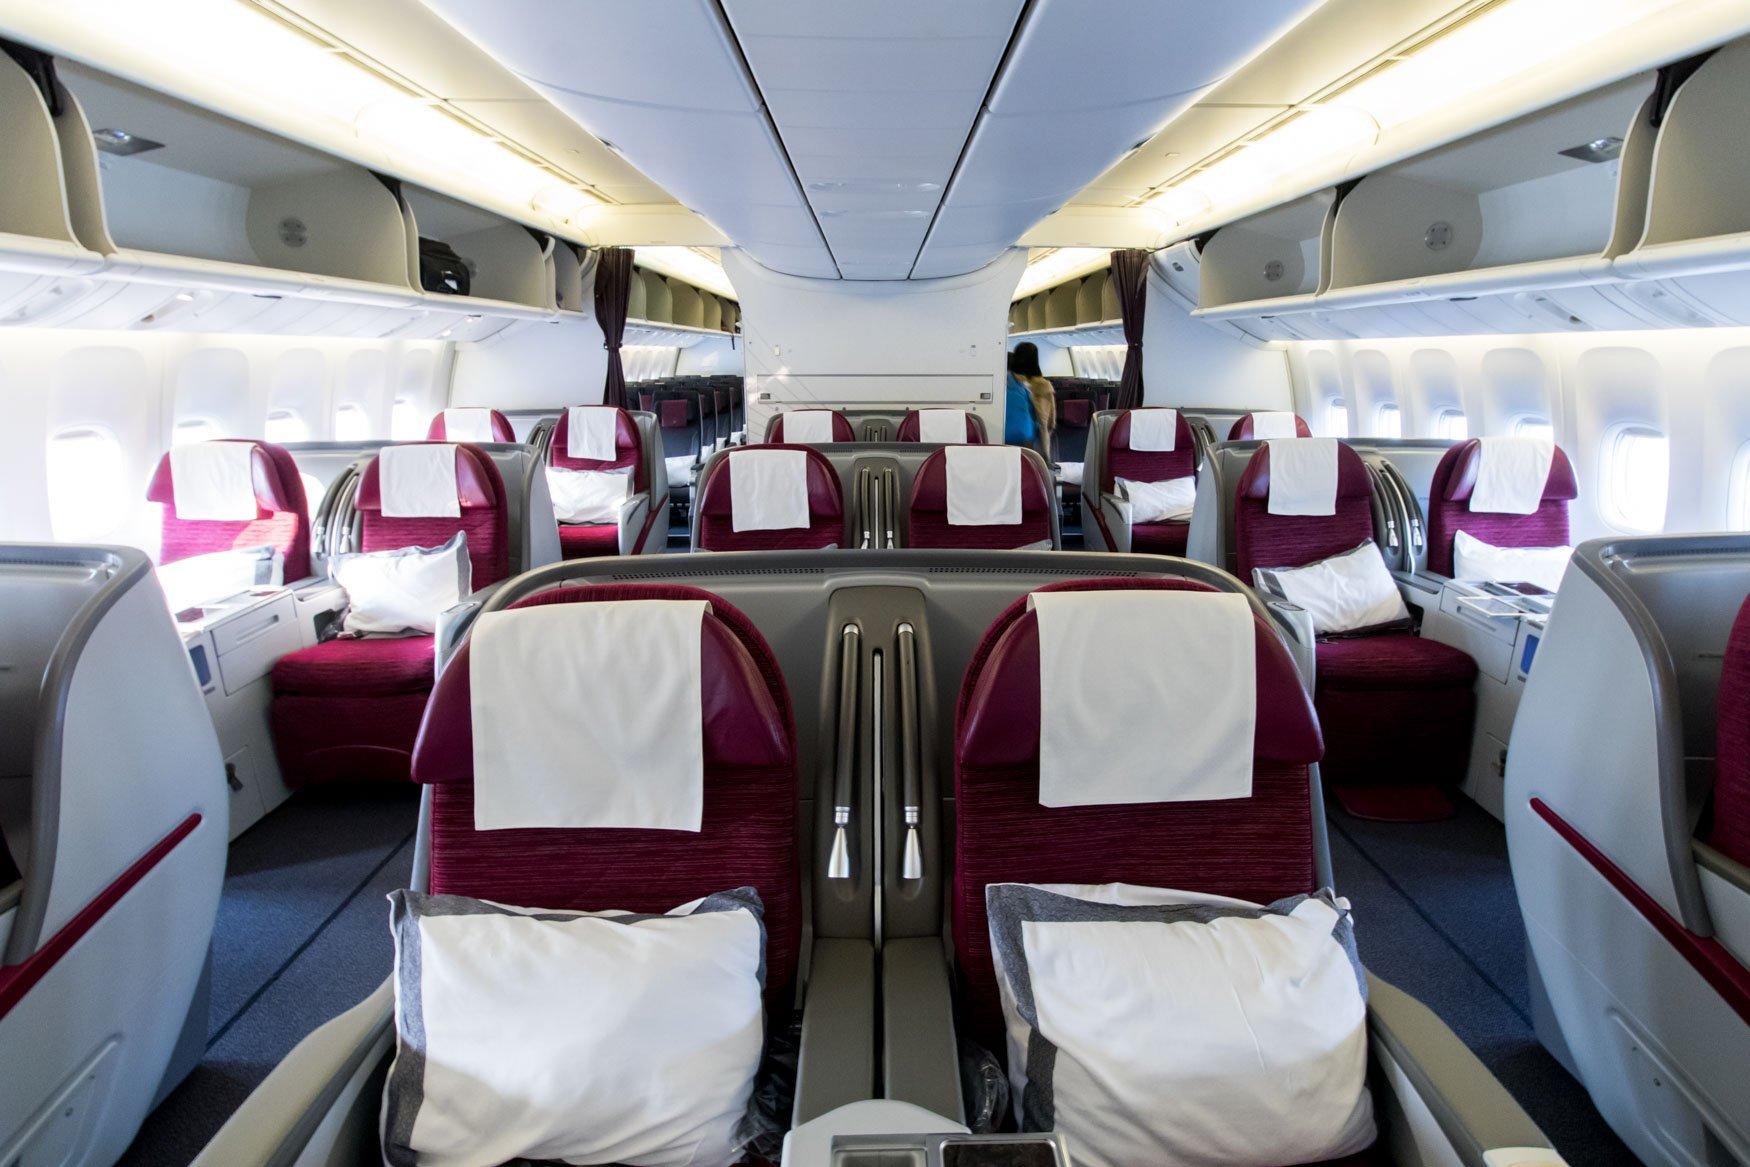 Qatar Airways Boeing 777-300ER Business Class Cabin